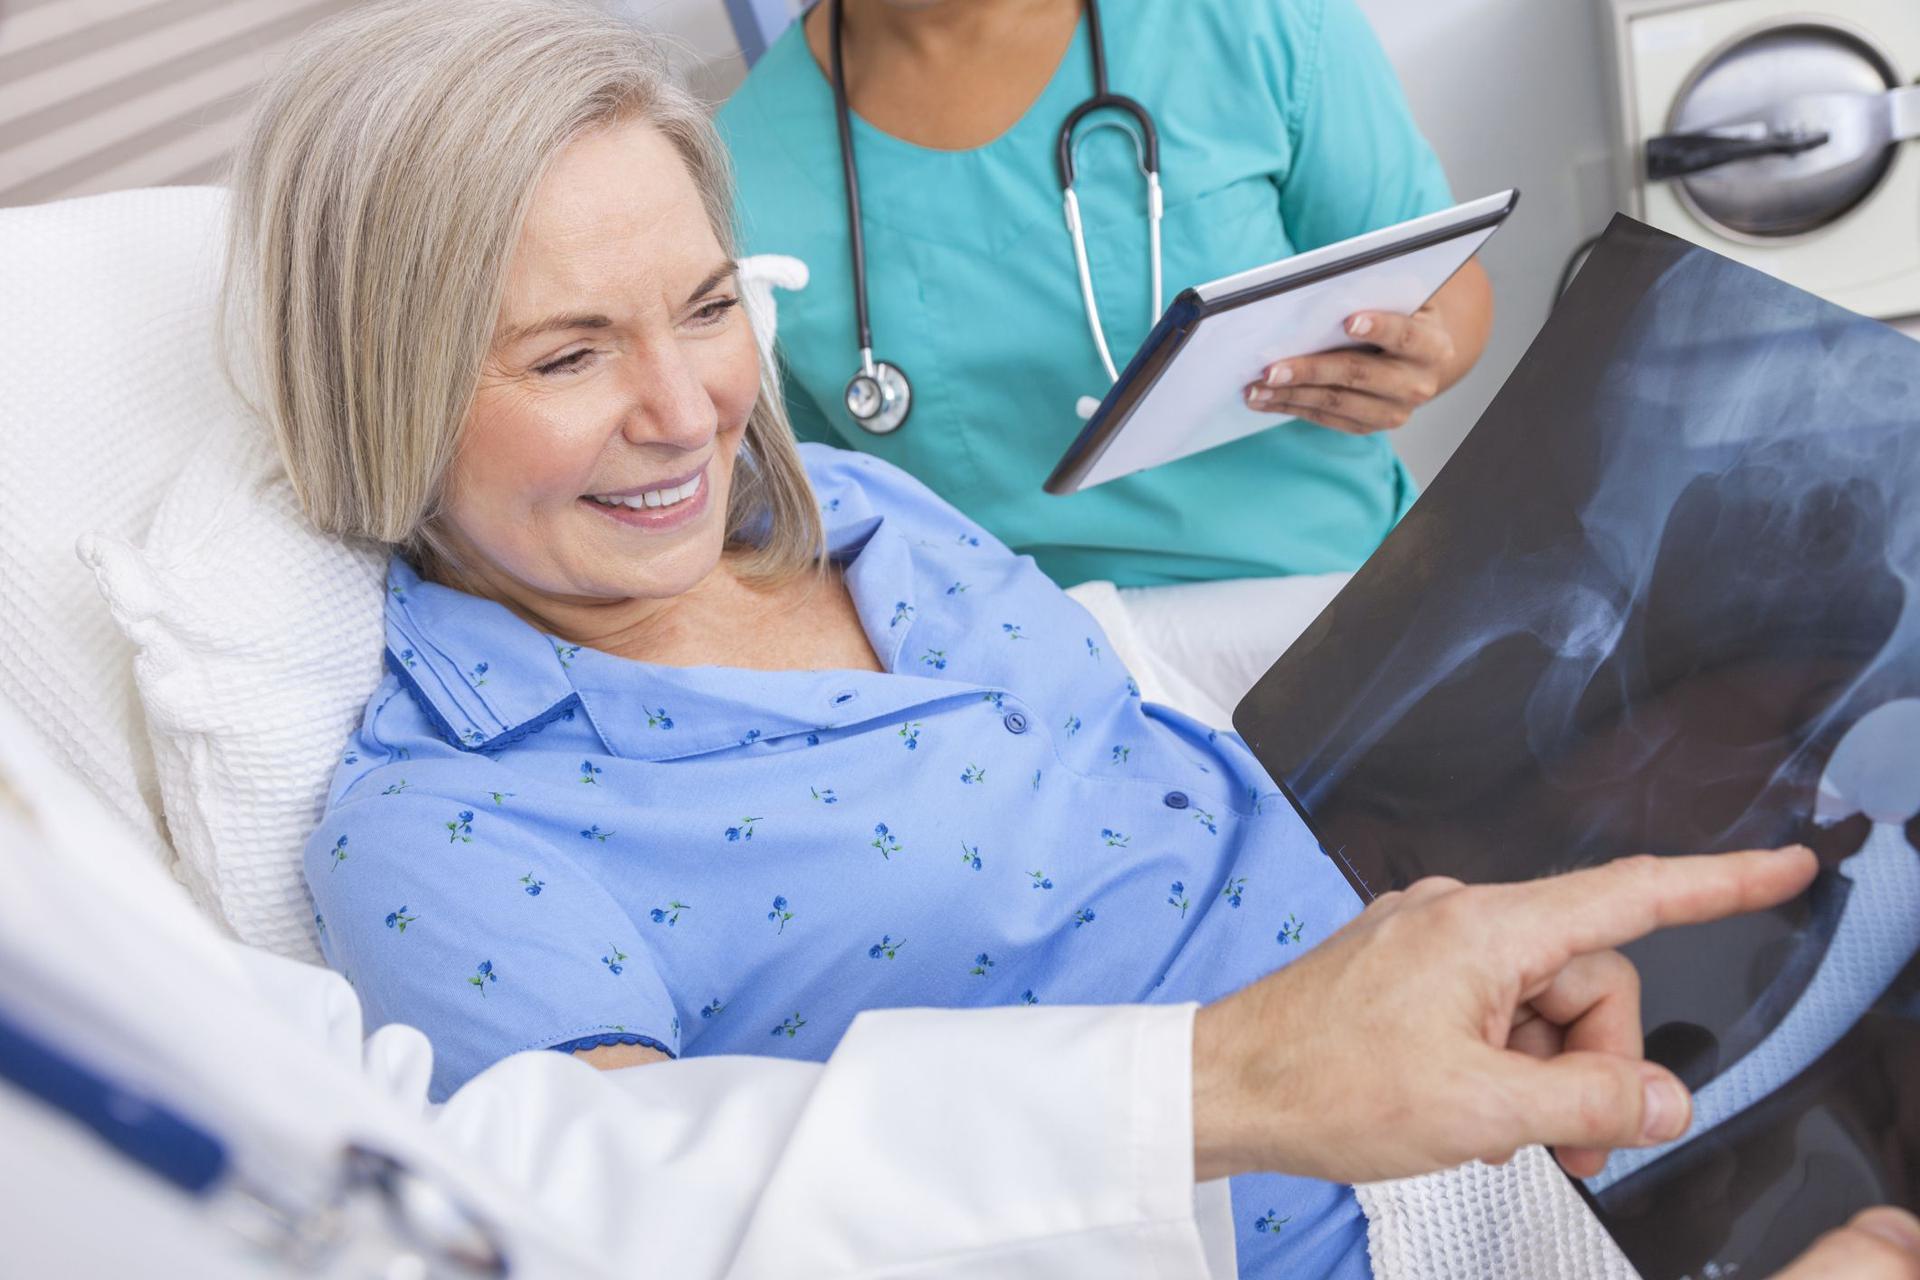 Wszczepienie Endoprotezy Przy Zwyrodnieniu Stawu Biodrowego